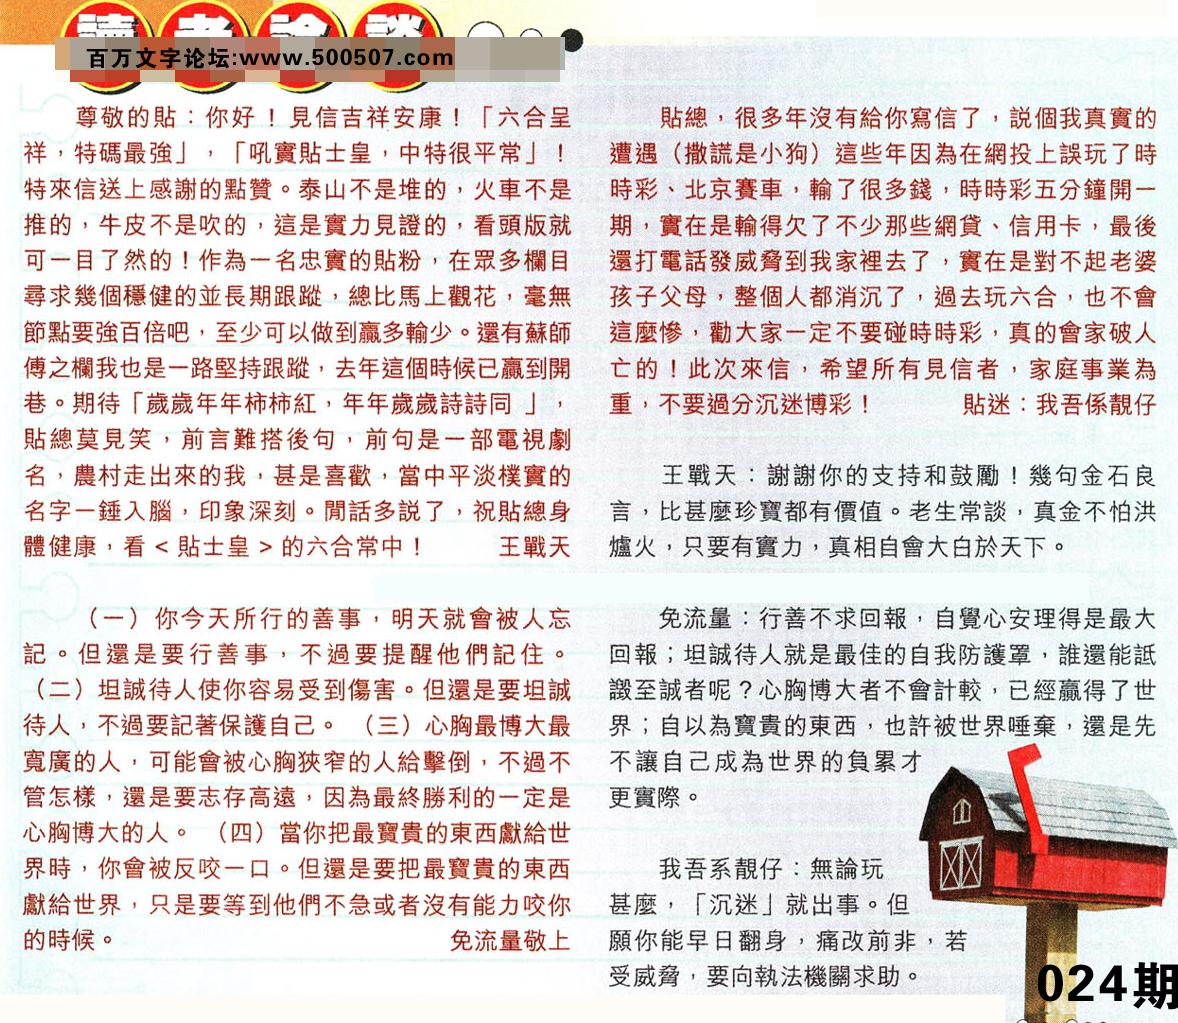 024期:彩民推荐�N信�x者���